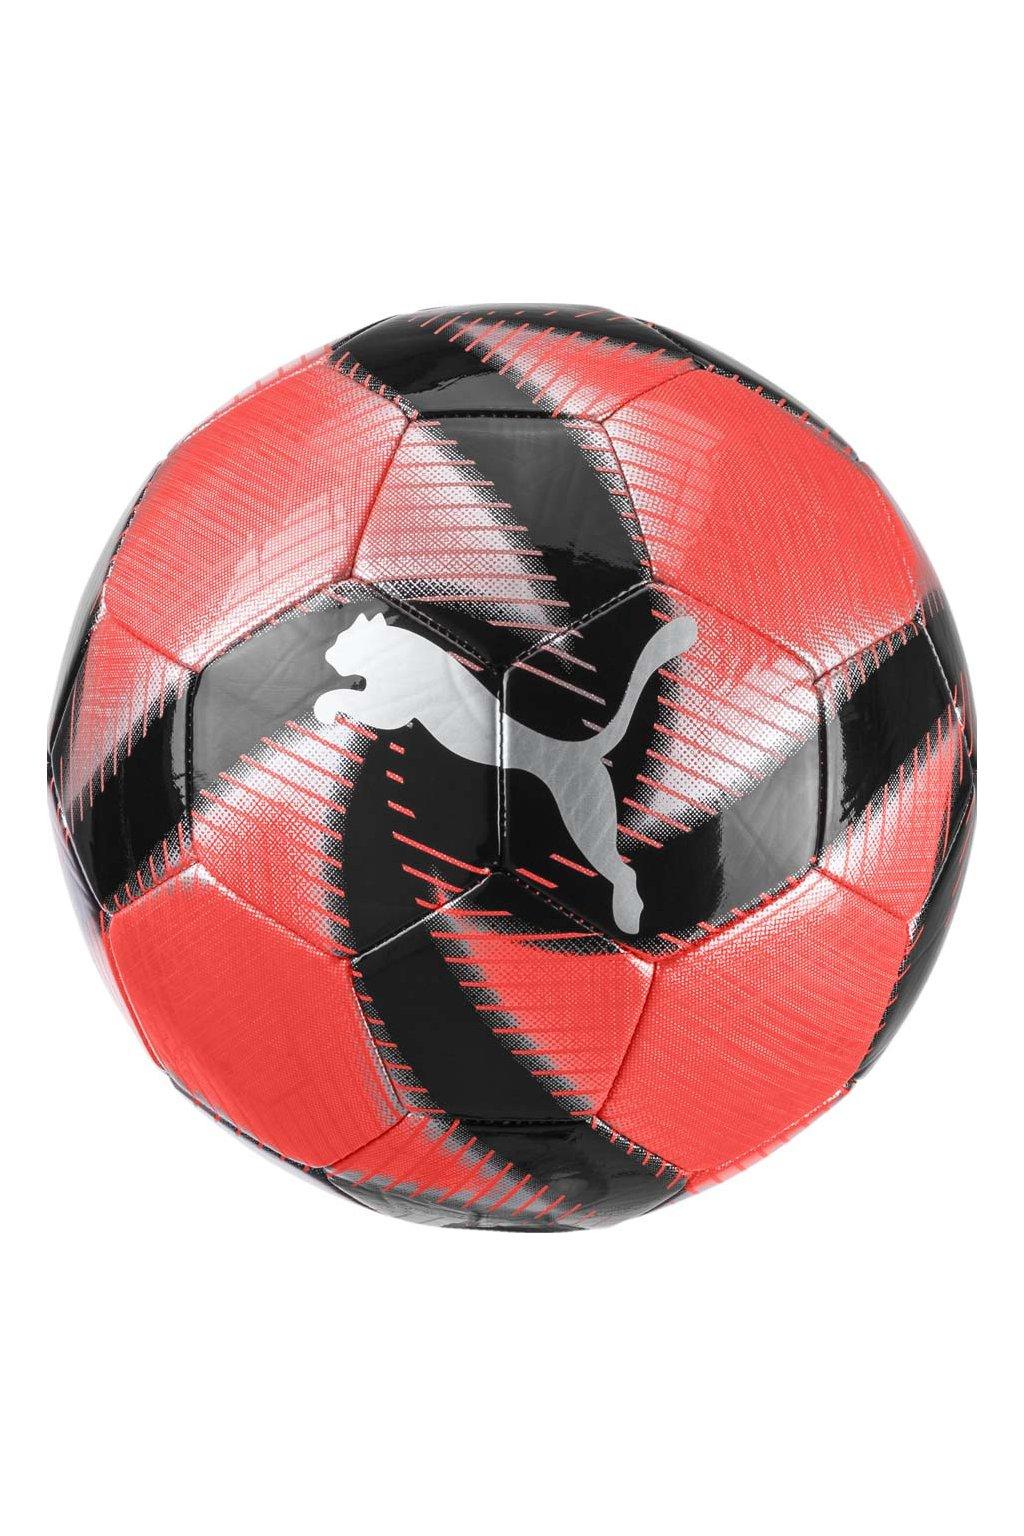 Futbalová lopta Puma Future Flare 083260 02